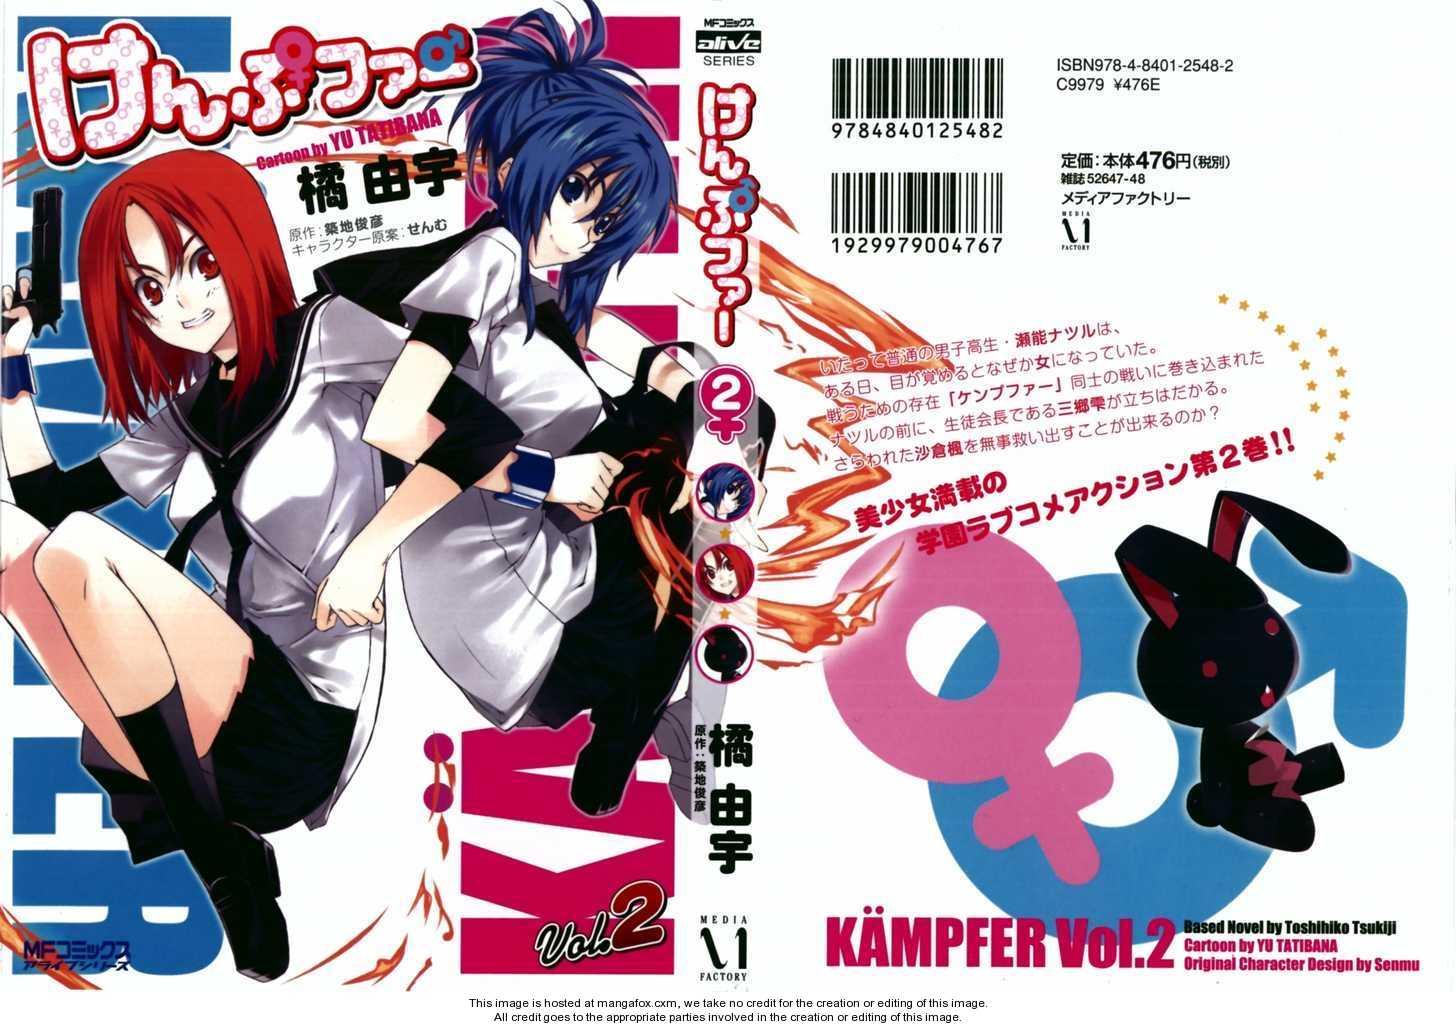 Kampfer 6 at MangaFox